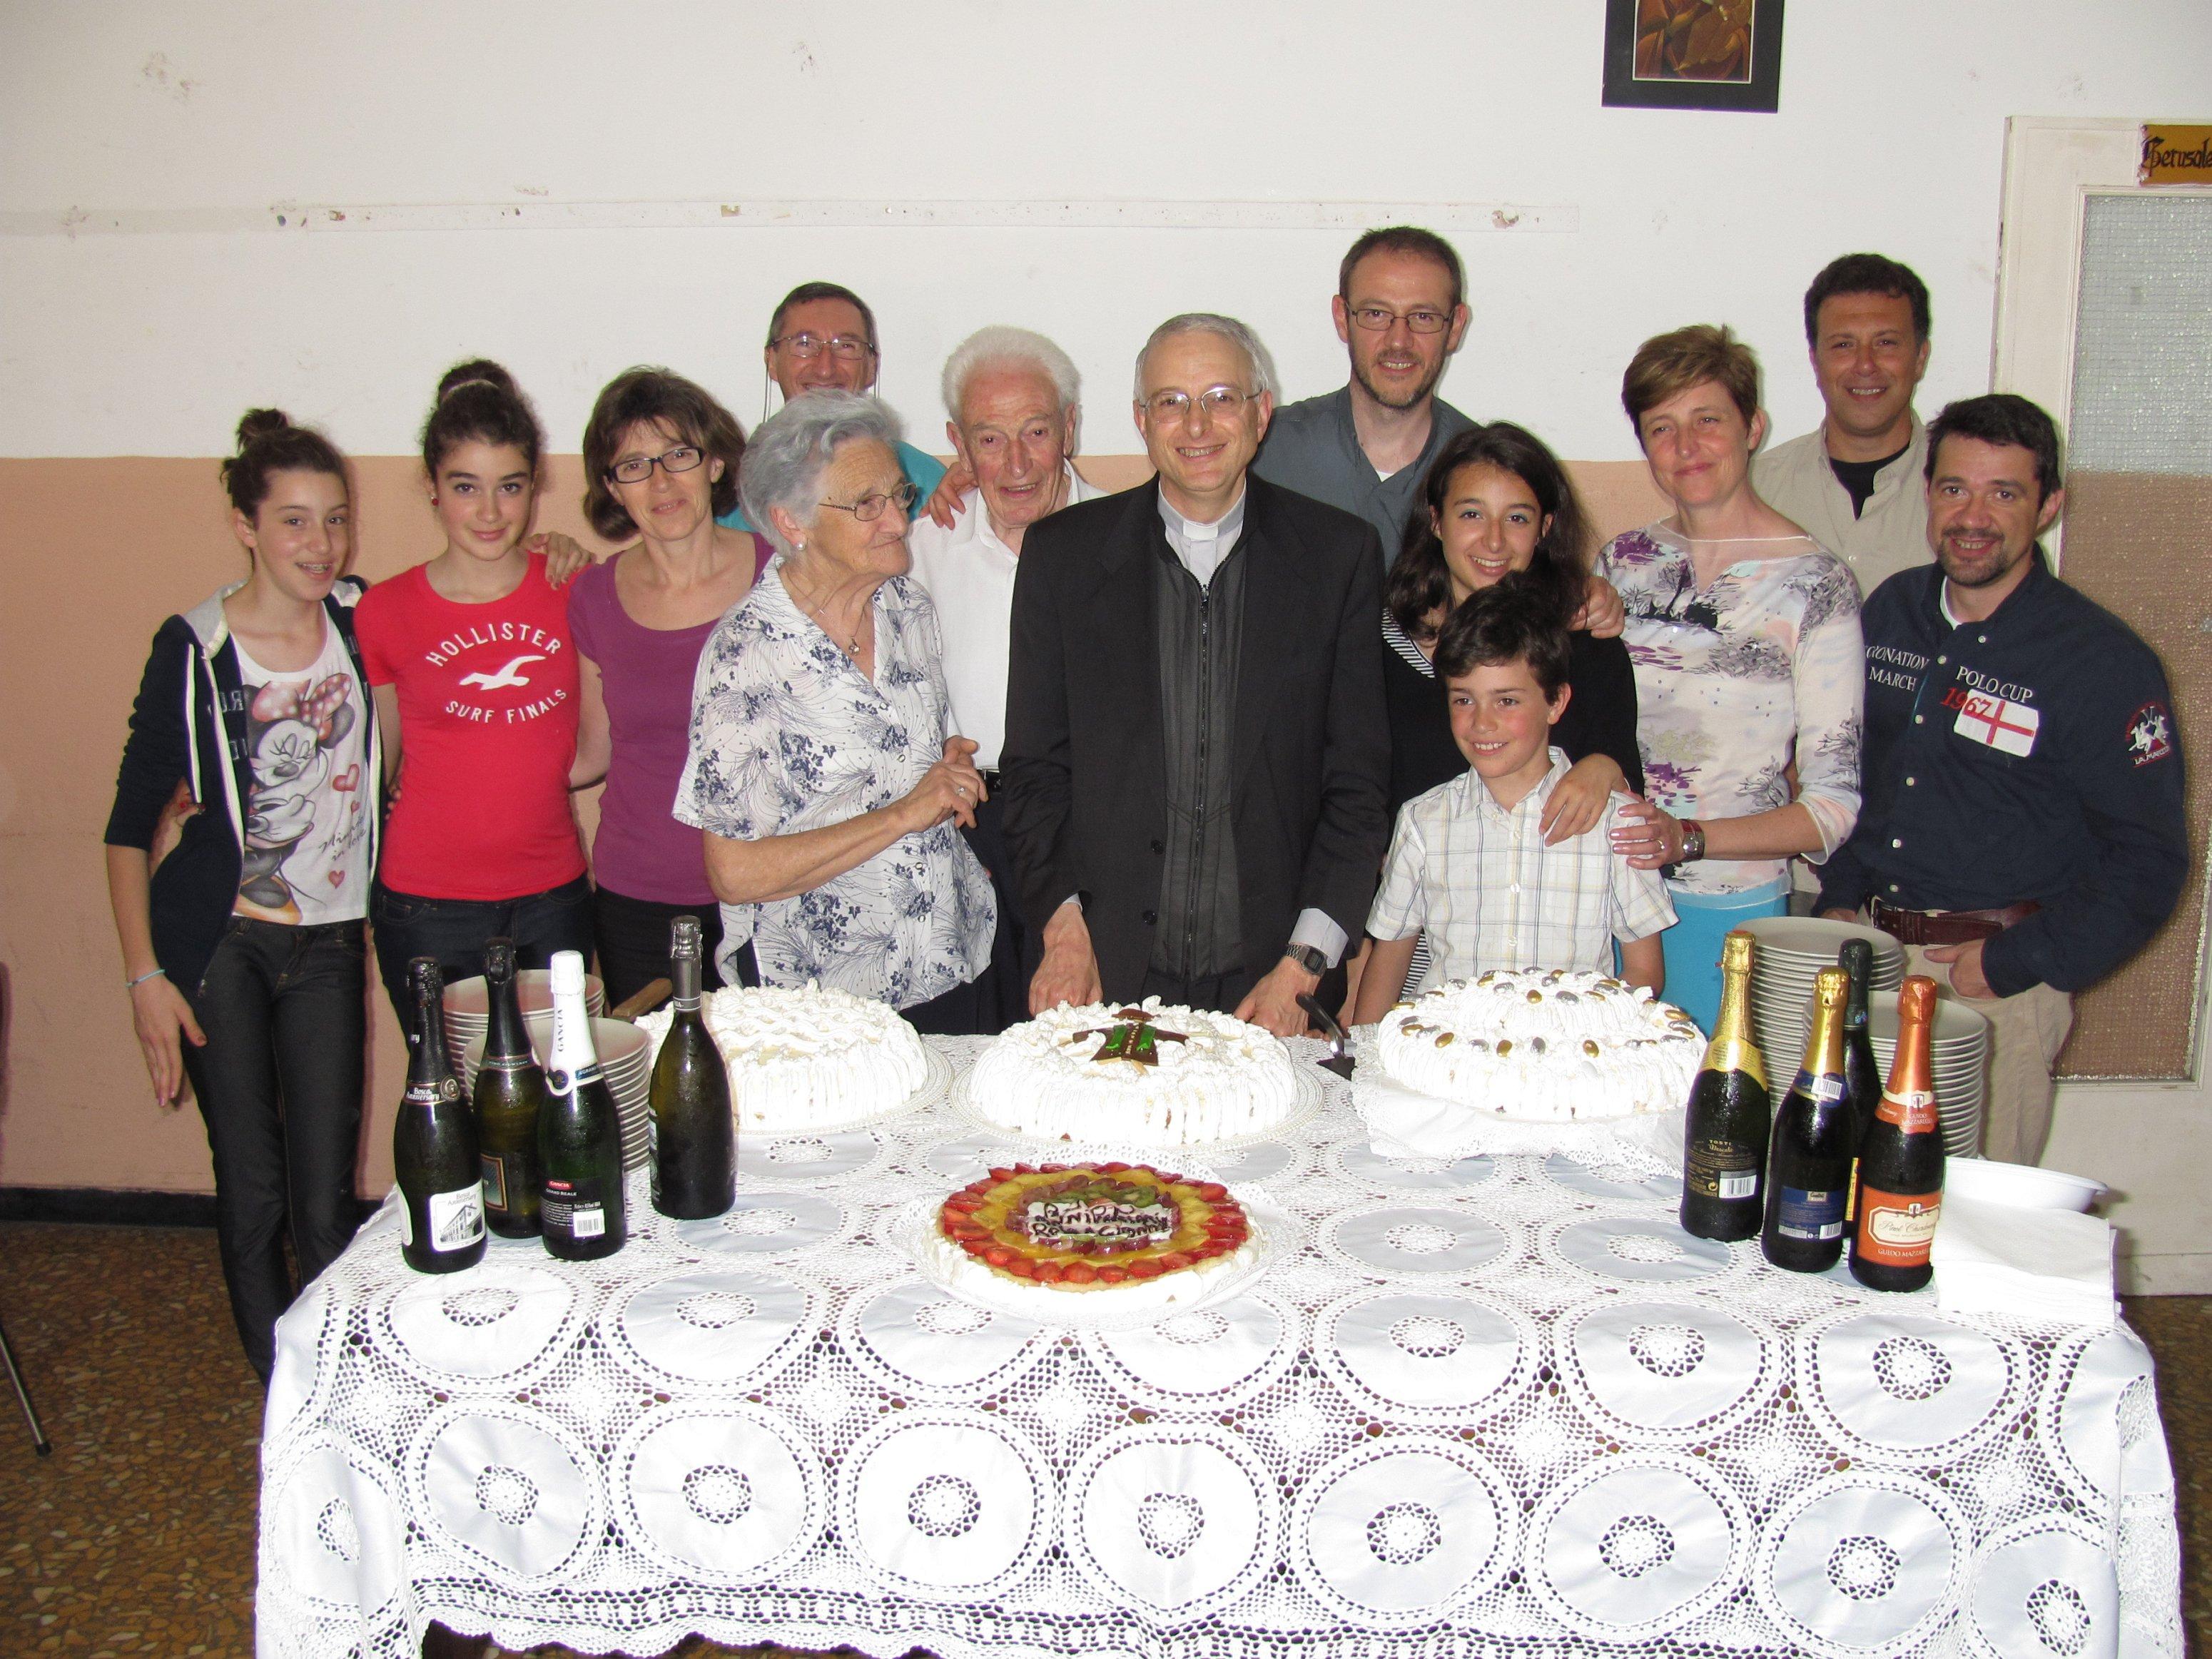 anniversari_di_matrimonio_e_di_ordinazione_2012-06-03-13-54-18